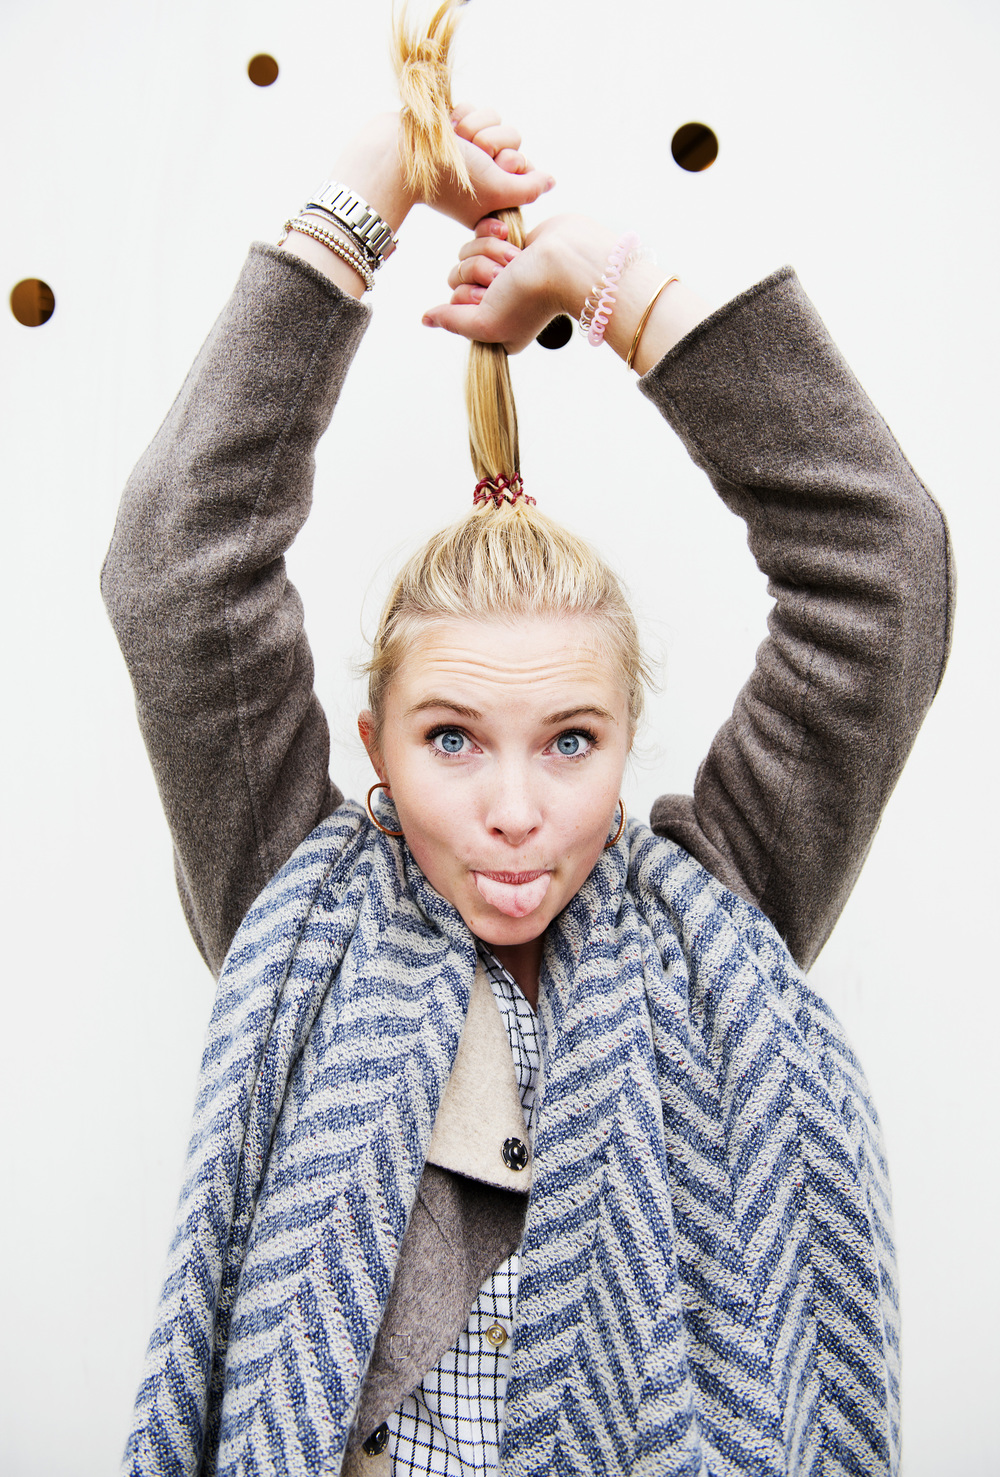 Iværksætter, Sophie Trelles-Tvede der opfandt hårelastikken Invisibobble